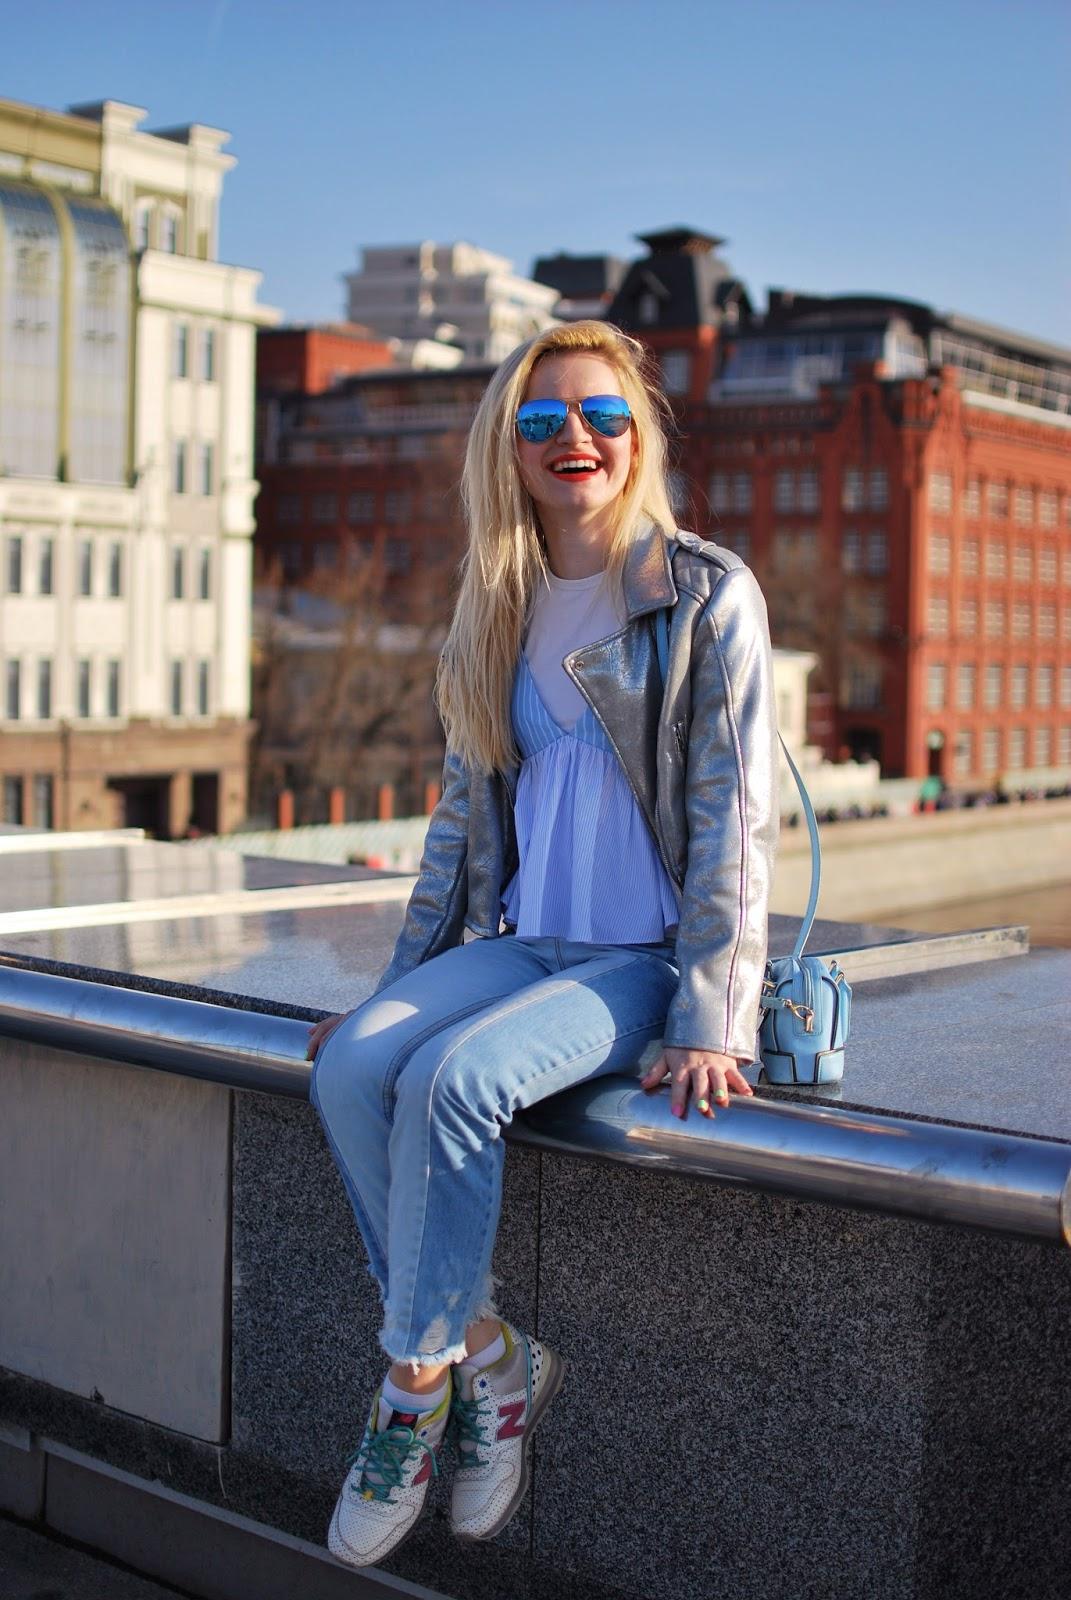 модные блоггеры, модные тренды, модные джинсы, аутфит, модный лук